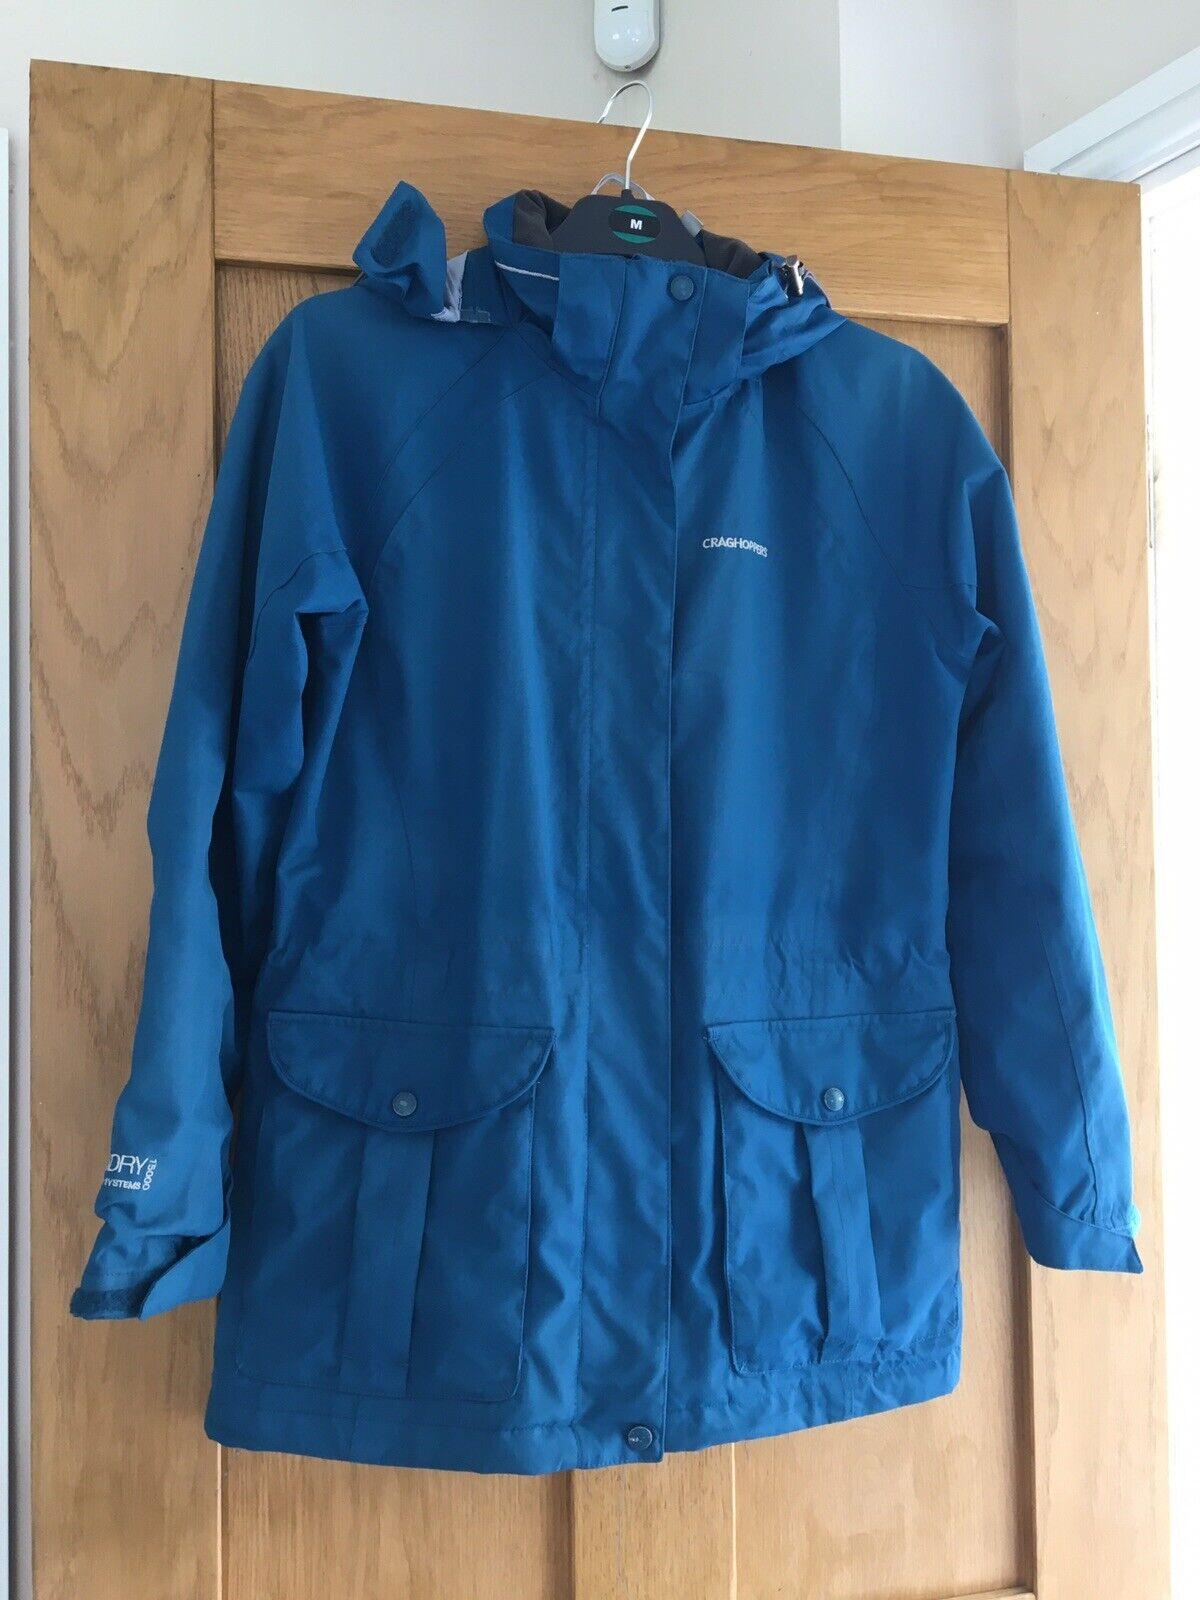 Marla Waterproof Jacket   eBay